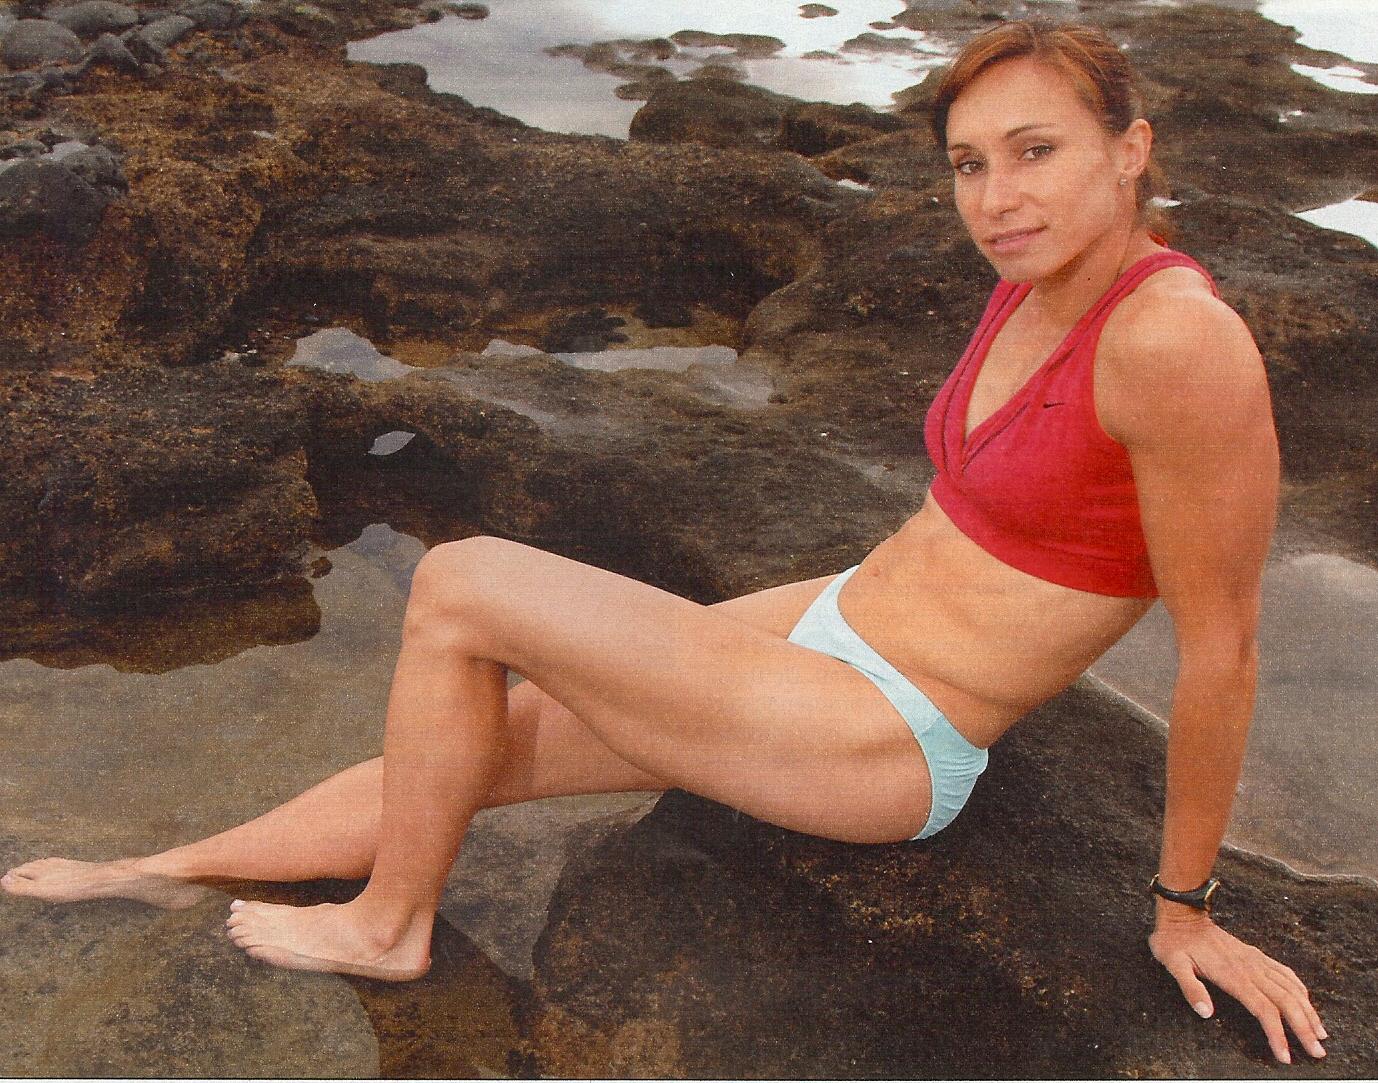 Joanna jojo levesque naked porn phrase simply